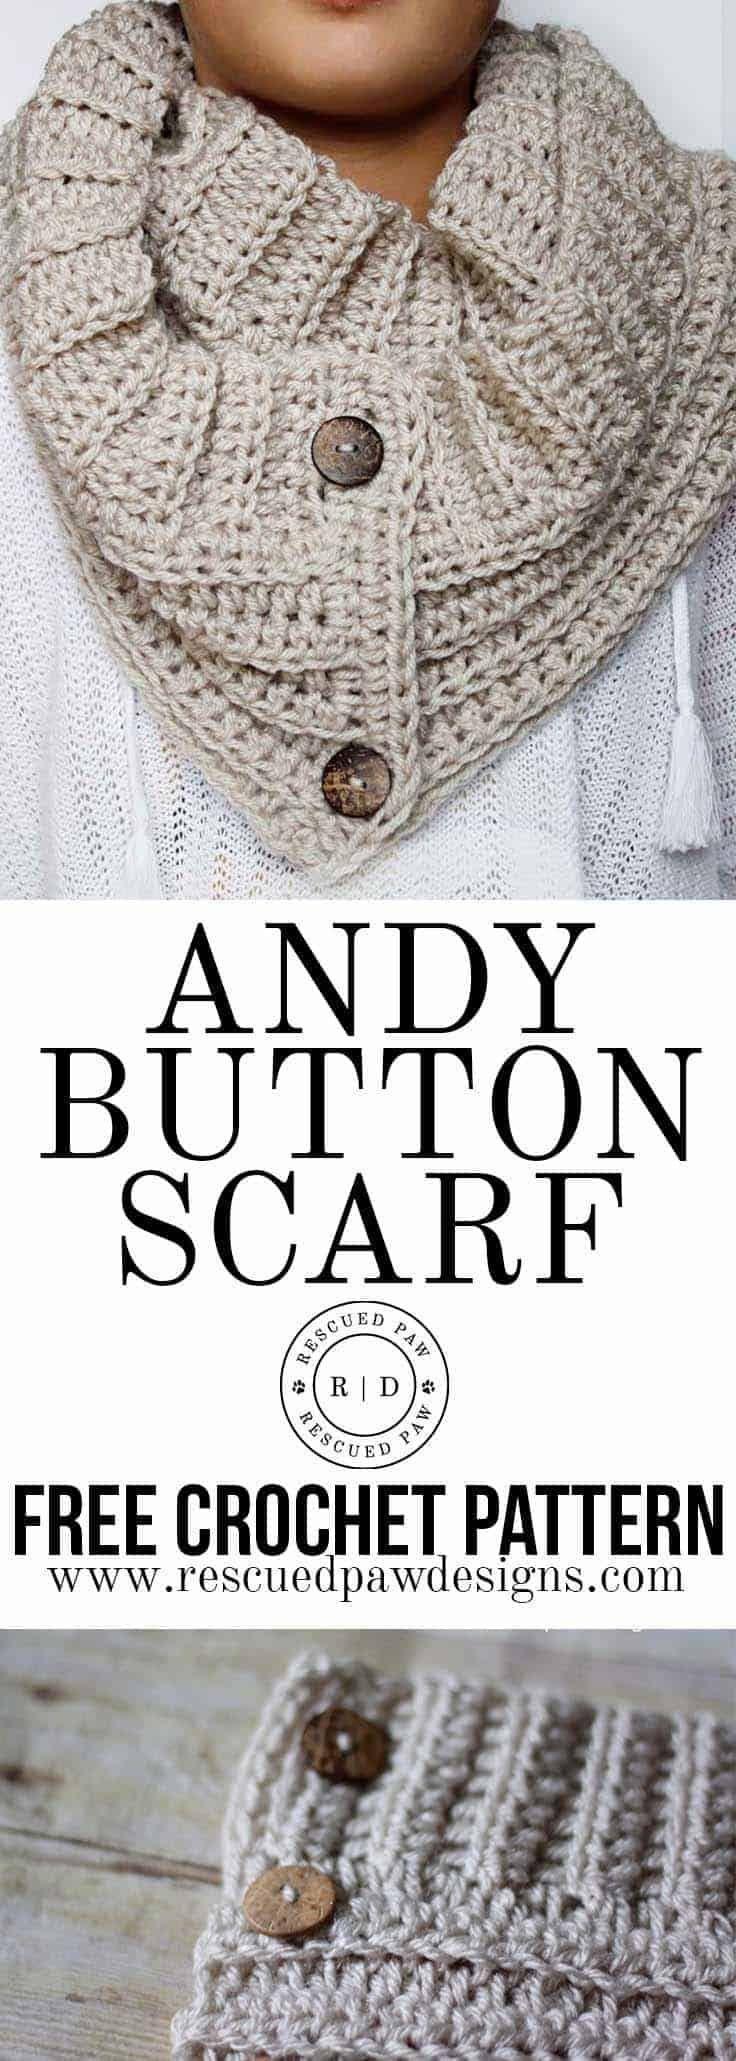 Andy Button Scarf Crochet Padrão